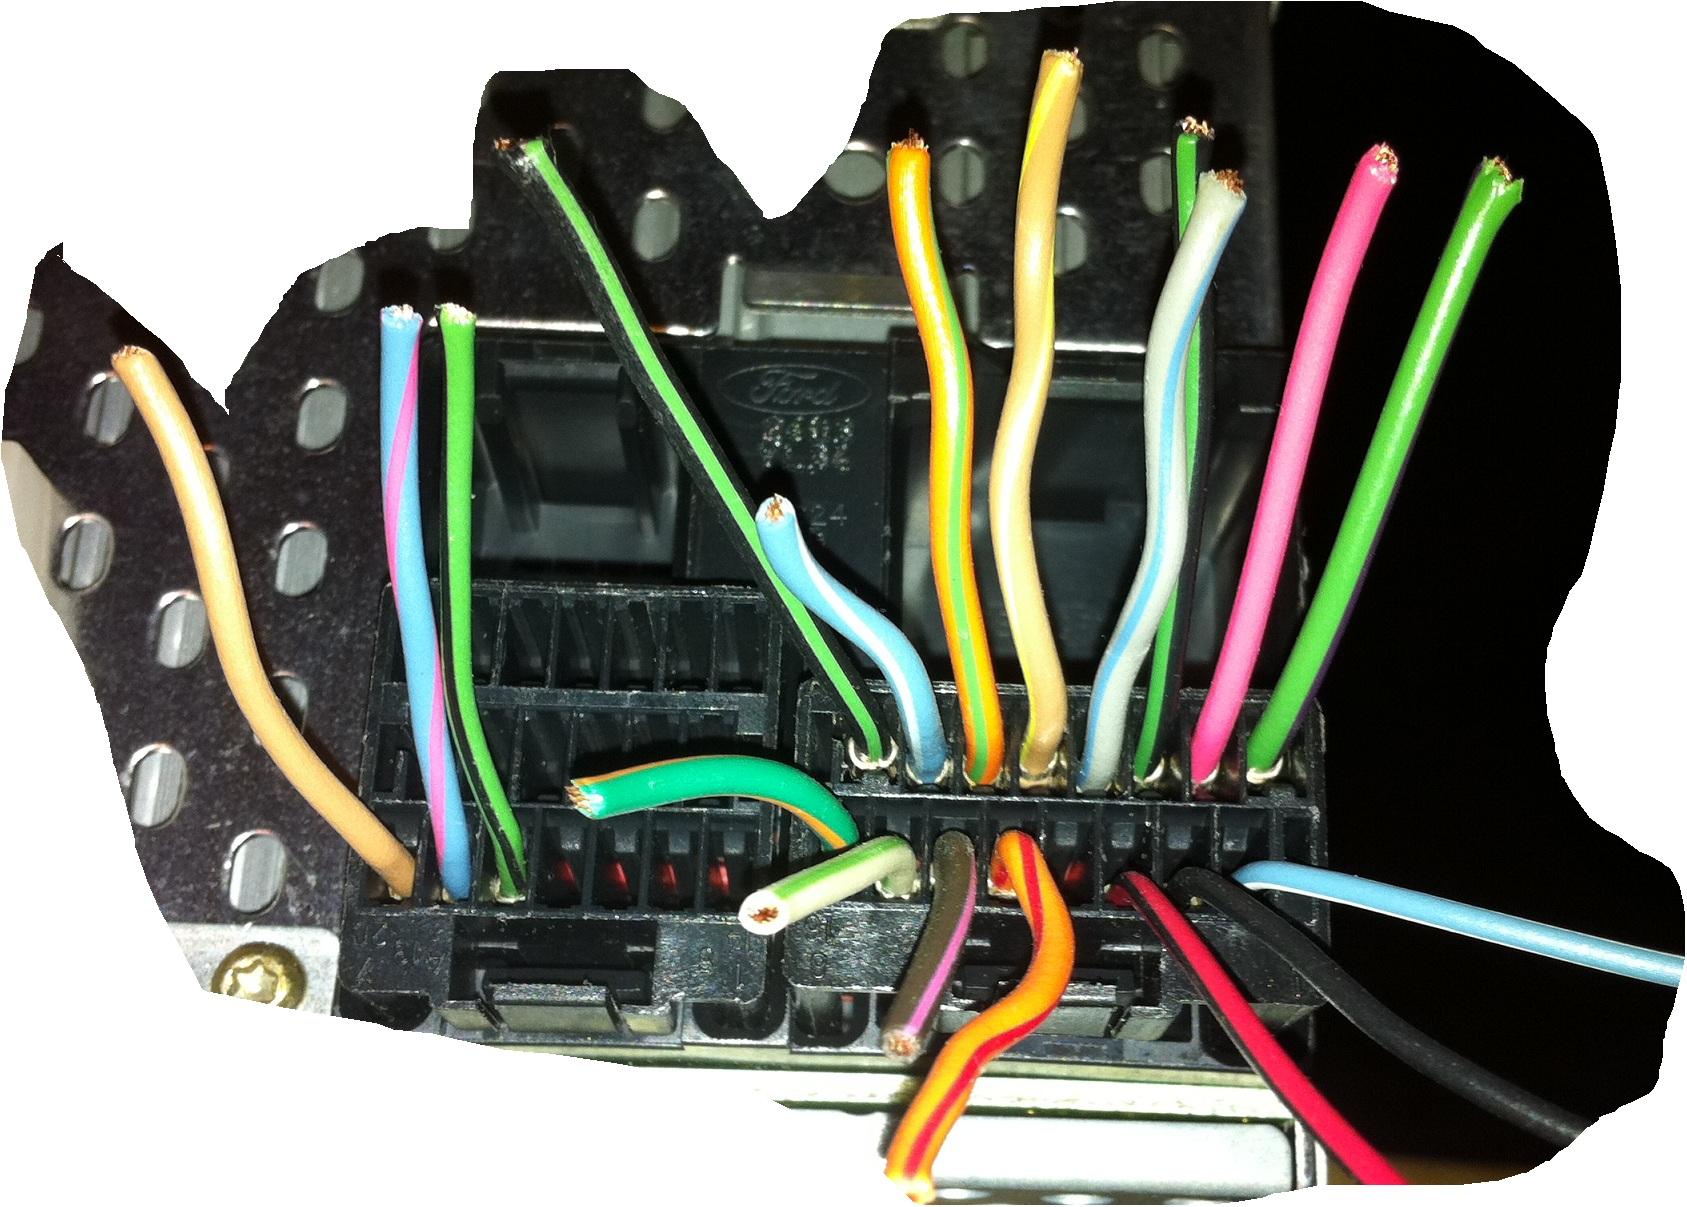 2000 Ford Windstar Radio Wiring Diagram Wiring Diagram System Wall Locate Wall Locate Ediliadesign It